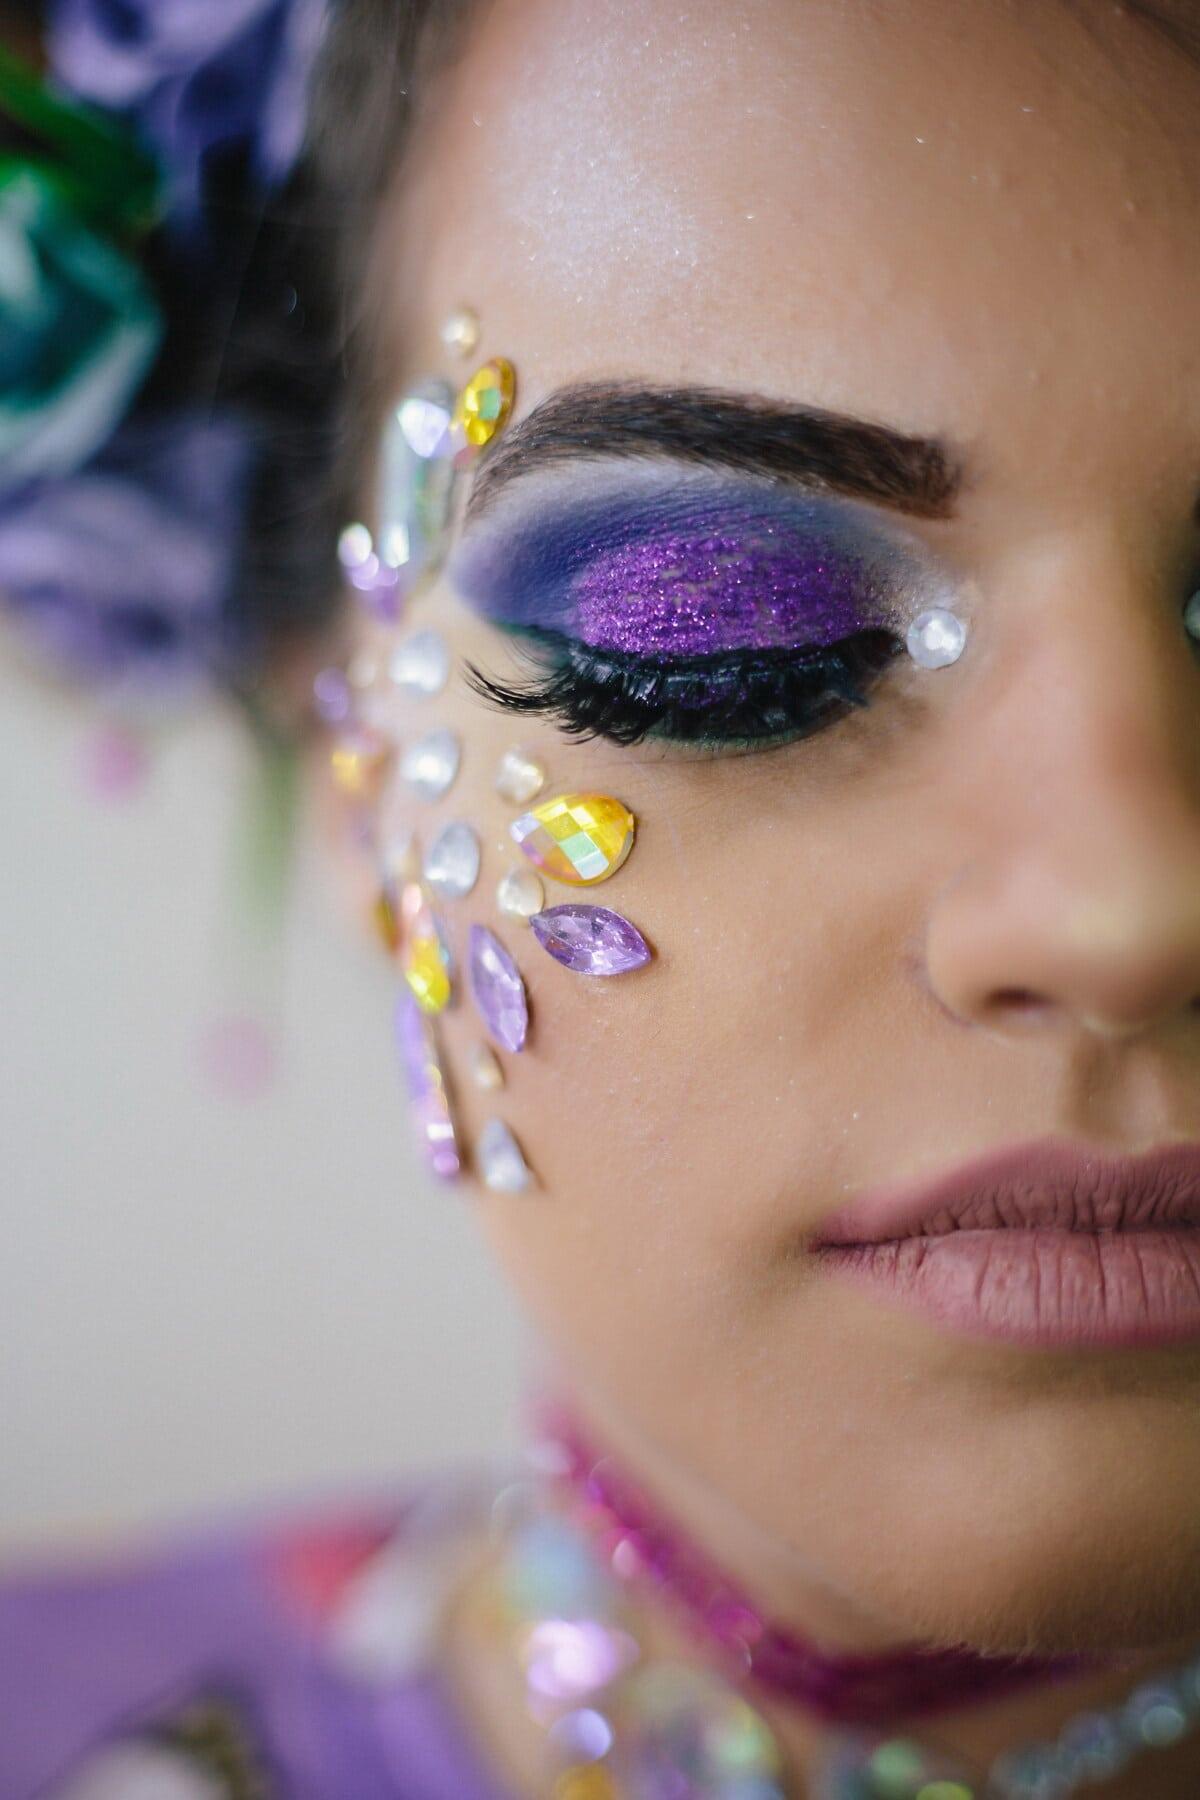 化粧, まつげ, 目, グラマー, 口紅, 顔, 間近, 唇, 縦方向, モデル